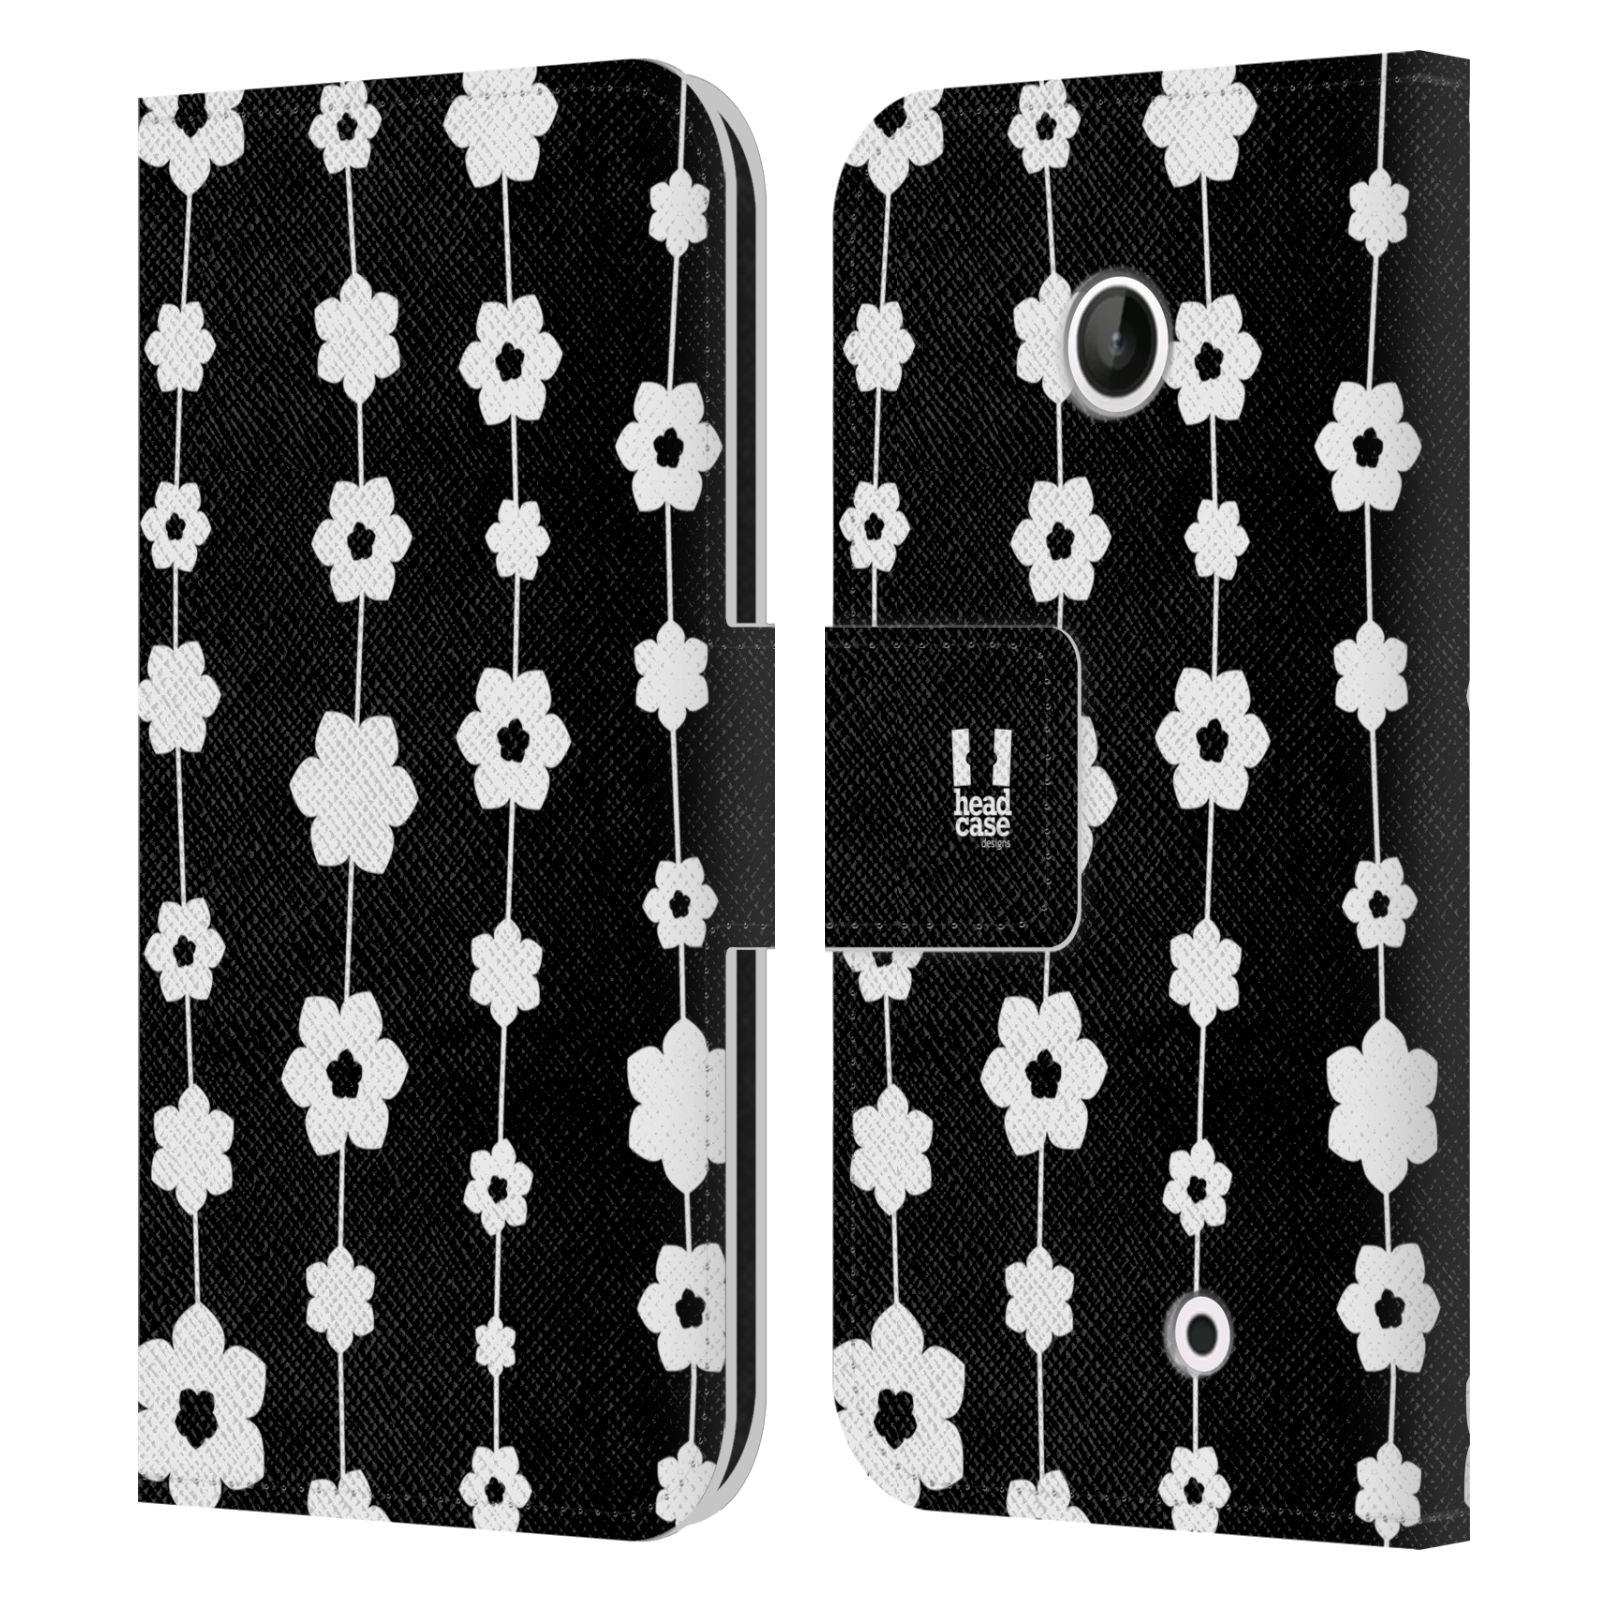 HEAD CASE Flipové pouzdro pro mobil NOKIA LUMIA 630 / LUMIA 630 DUAL ČERNOBÍLÁ KVĚTINA řetězec